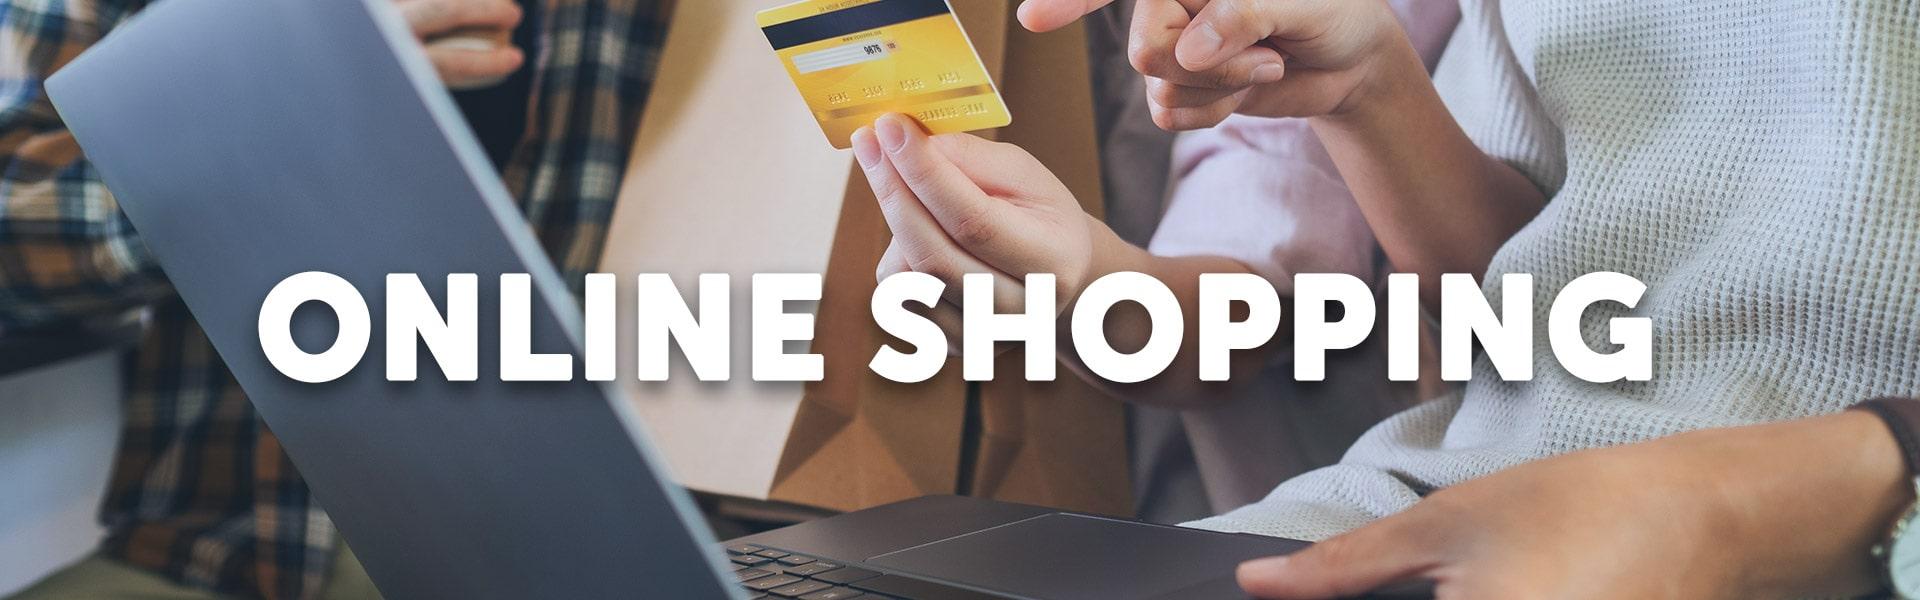 Jongeren geven voorkeur aan online shoppen